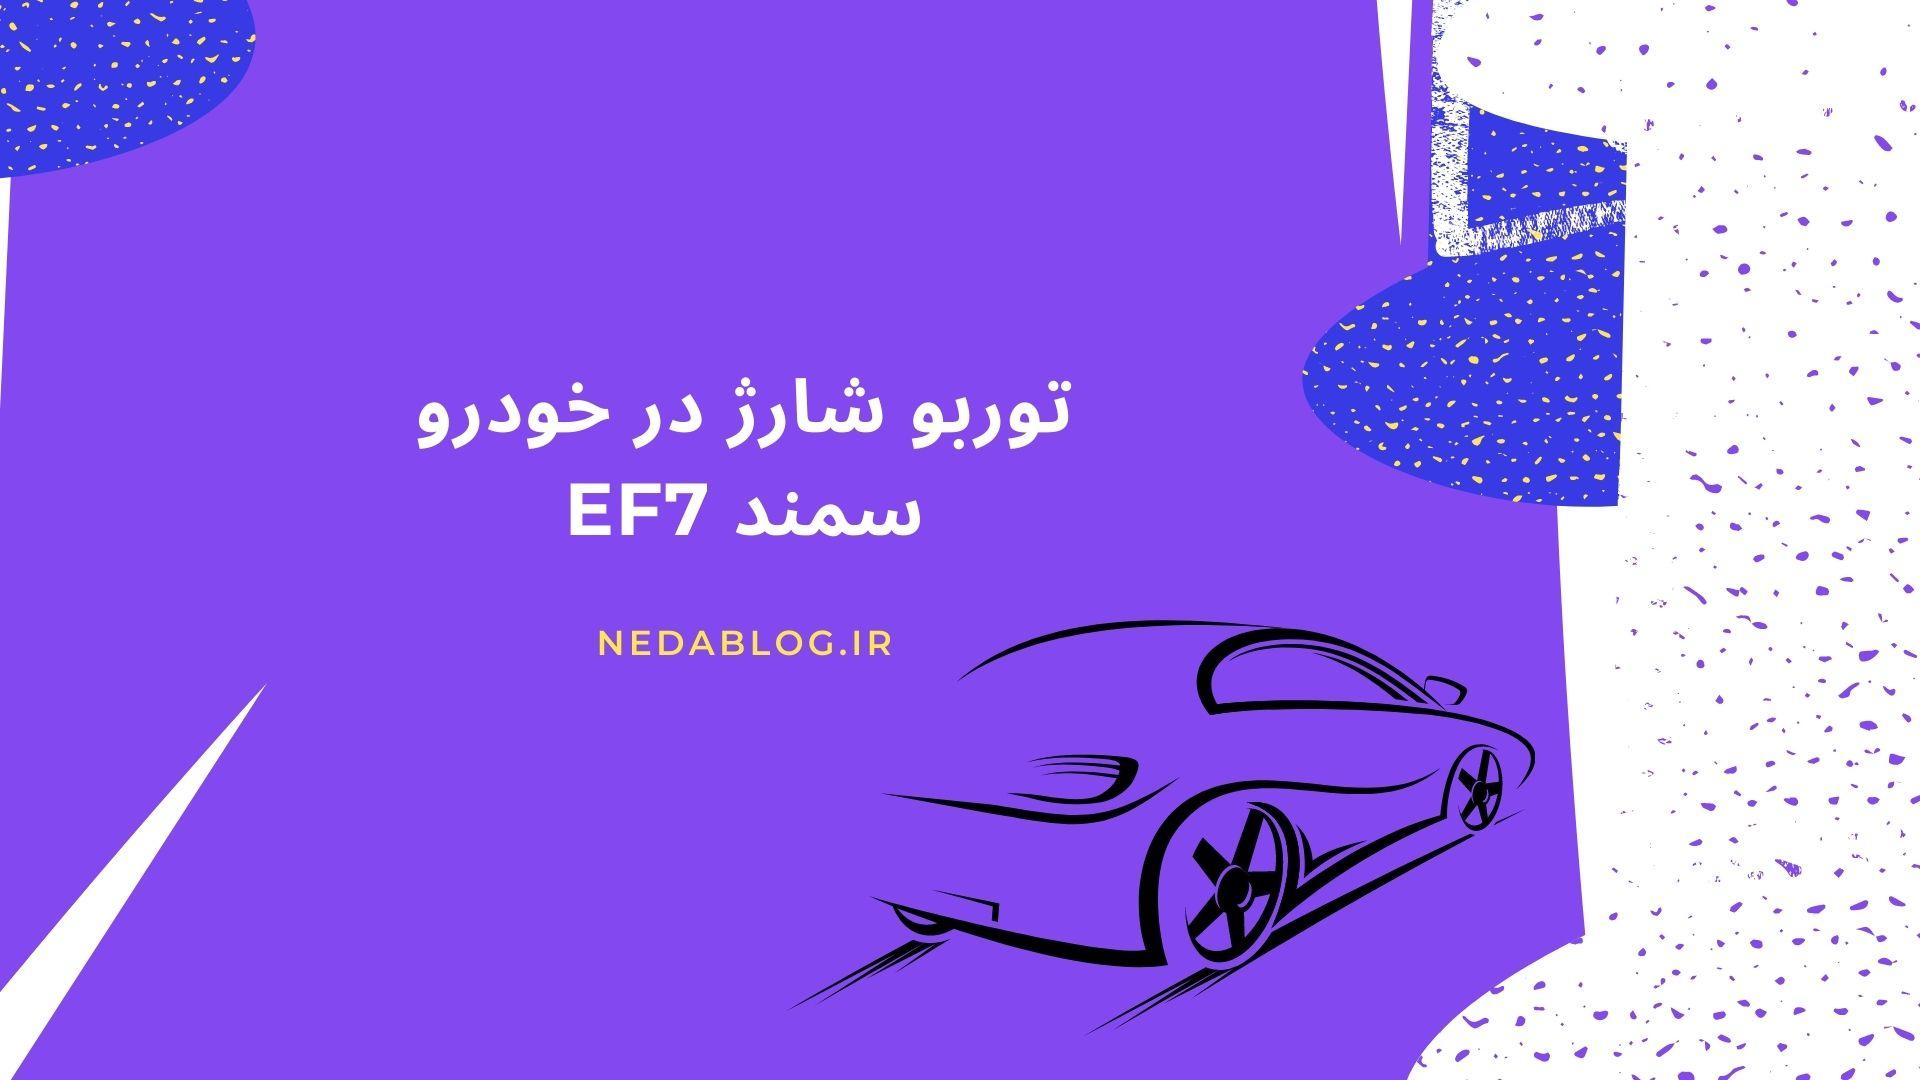 توربو شارژ در خودرو سمند EF7